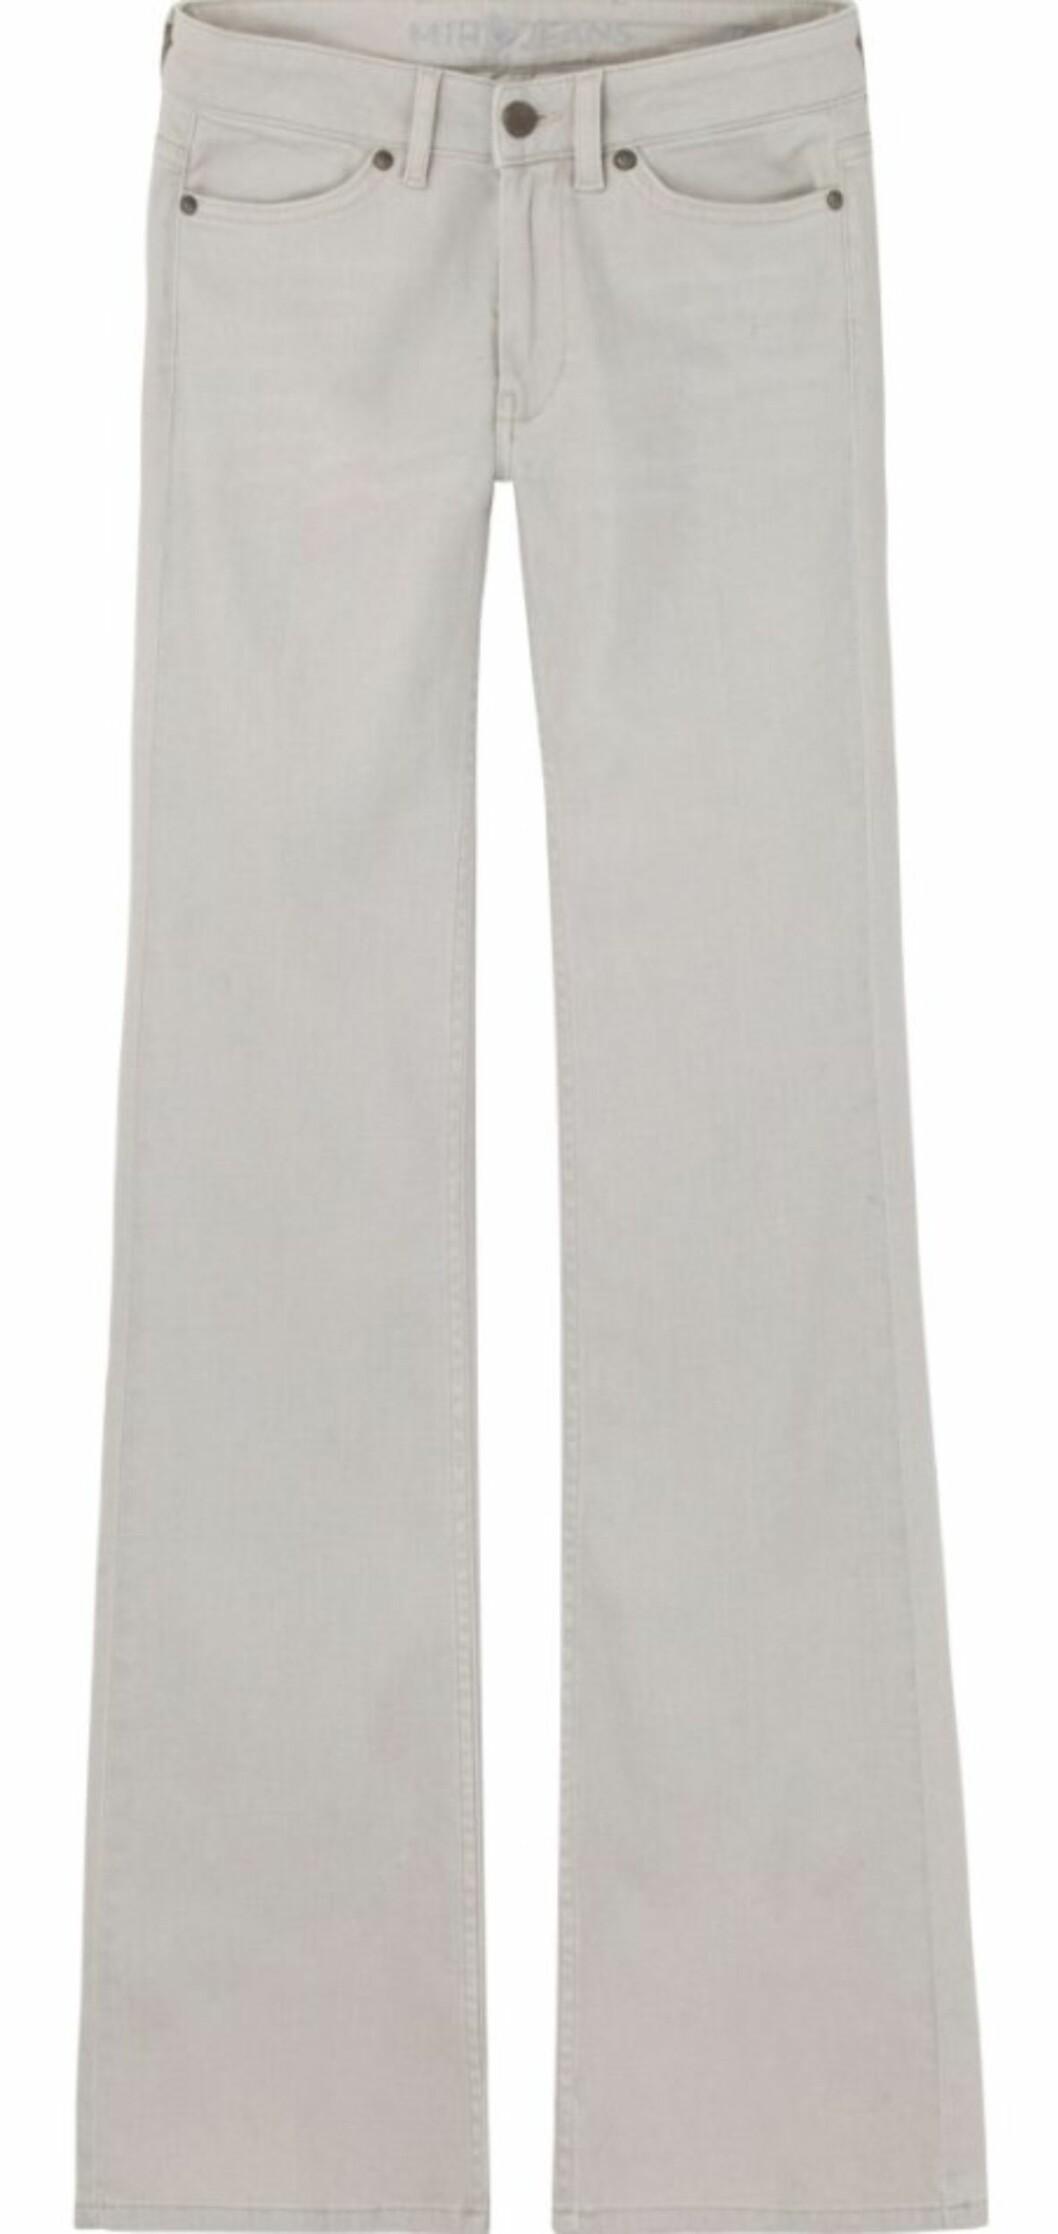 Beige bukser (kr 1250, MIH). Foto: Produsentene